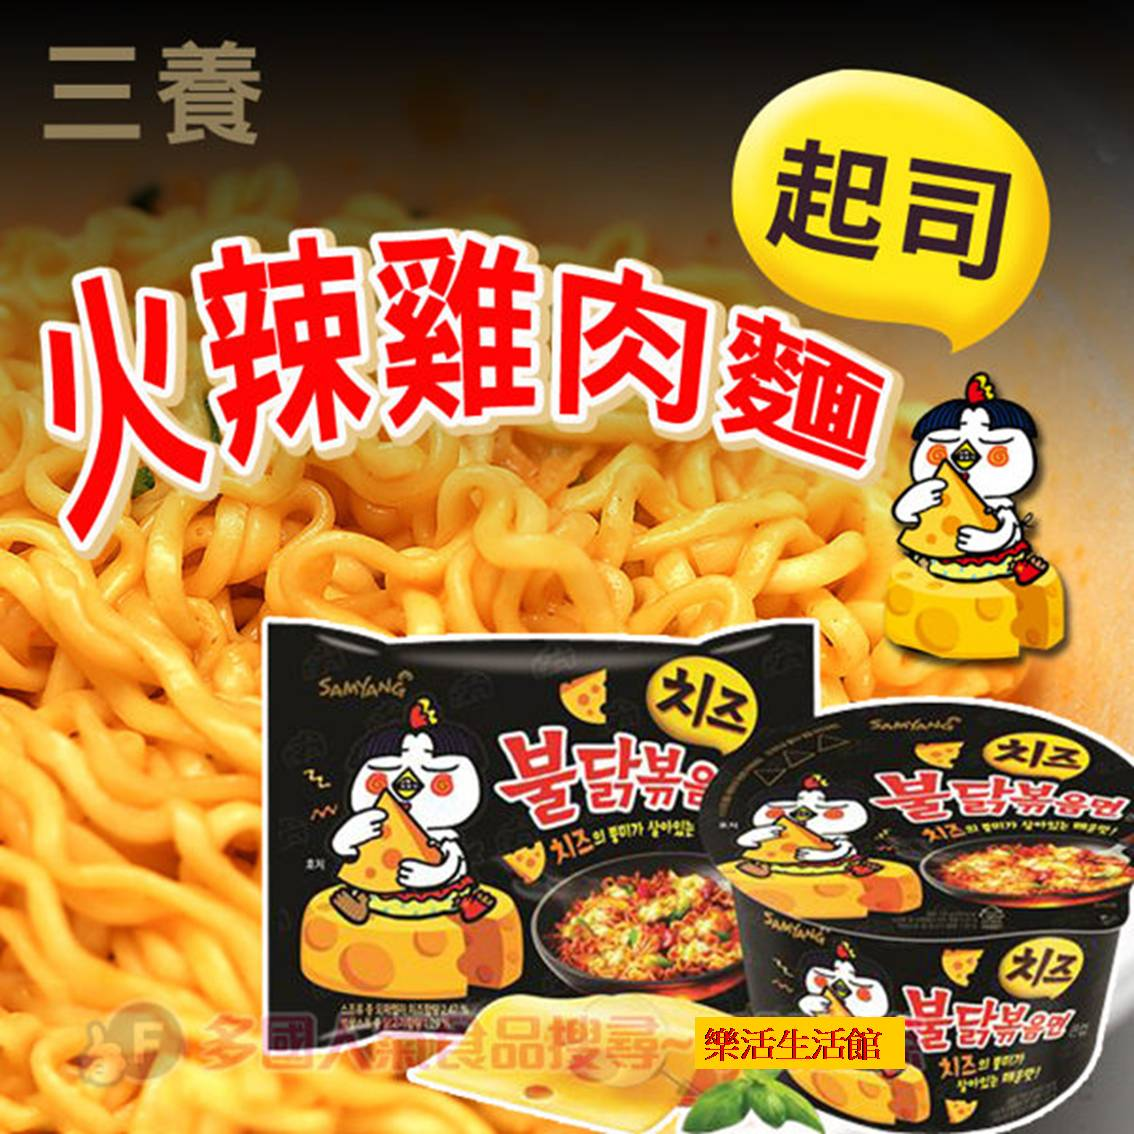 【現貨】韓國 三養起司火辣雞肉風味炒麵140g 單 包泡麵【樂活生活館】